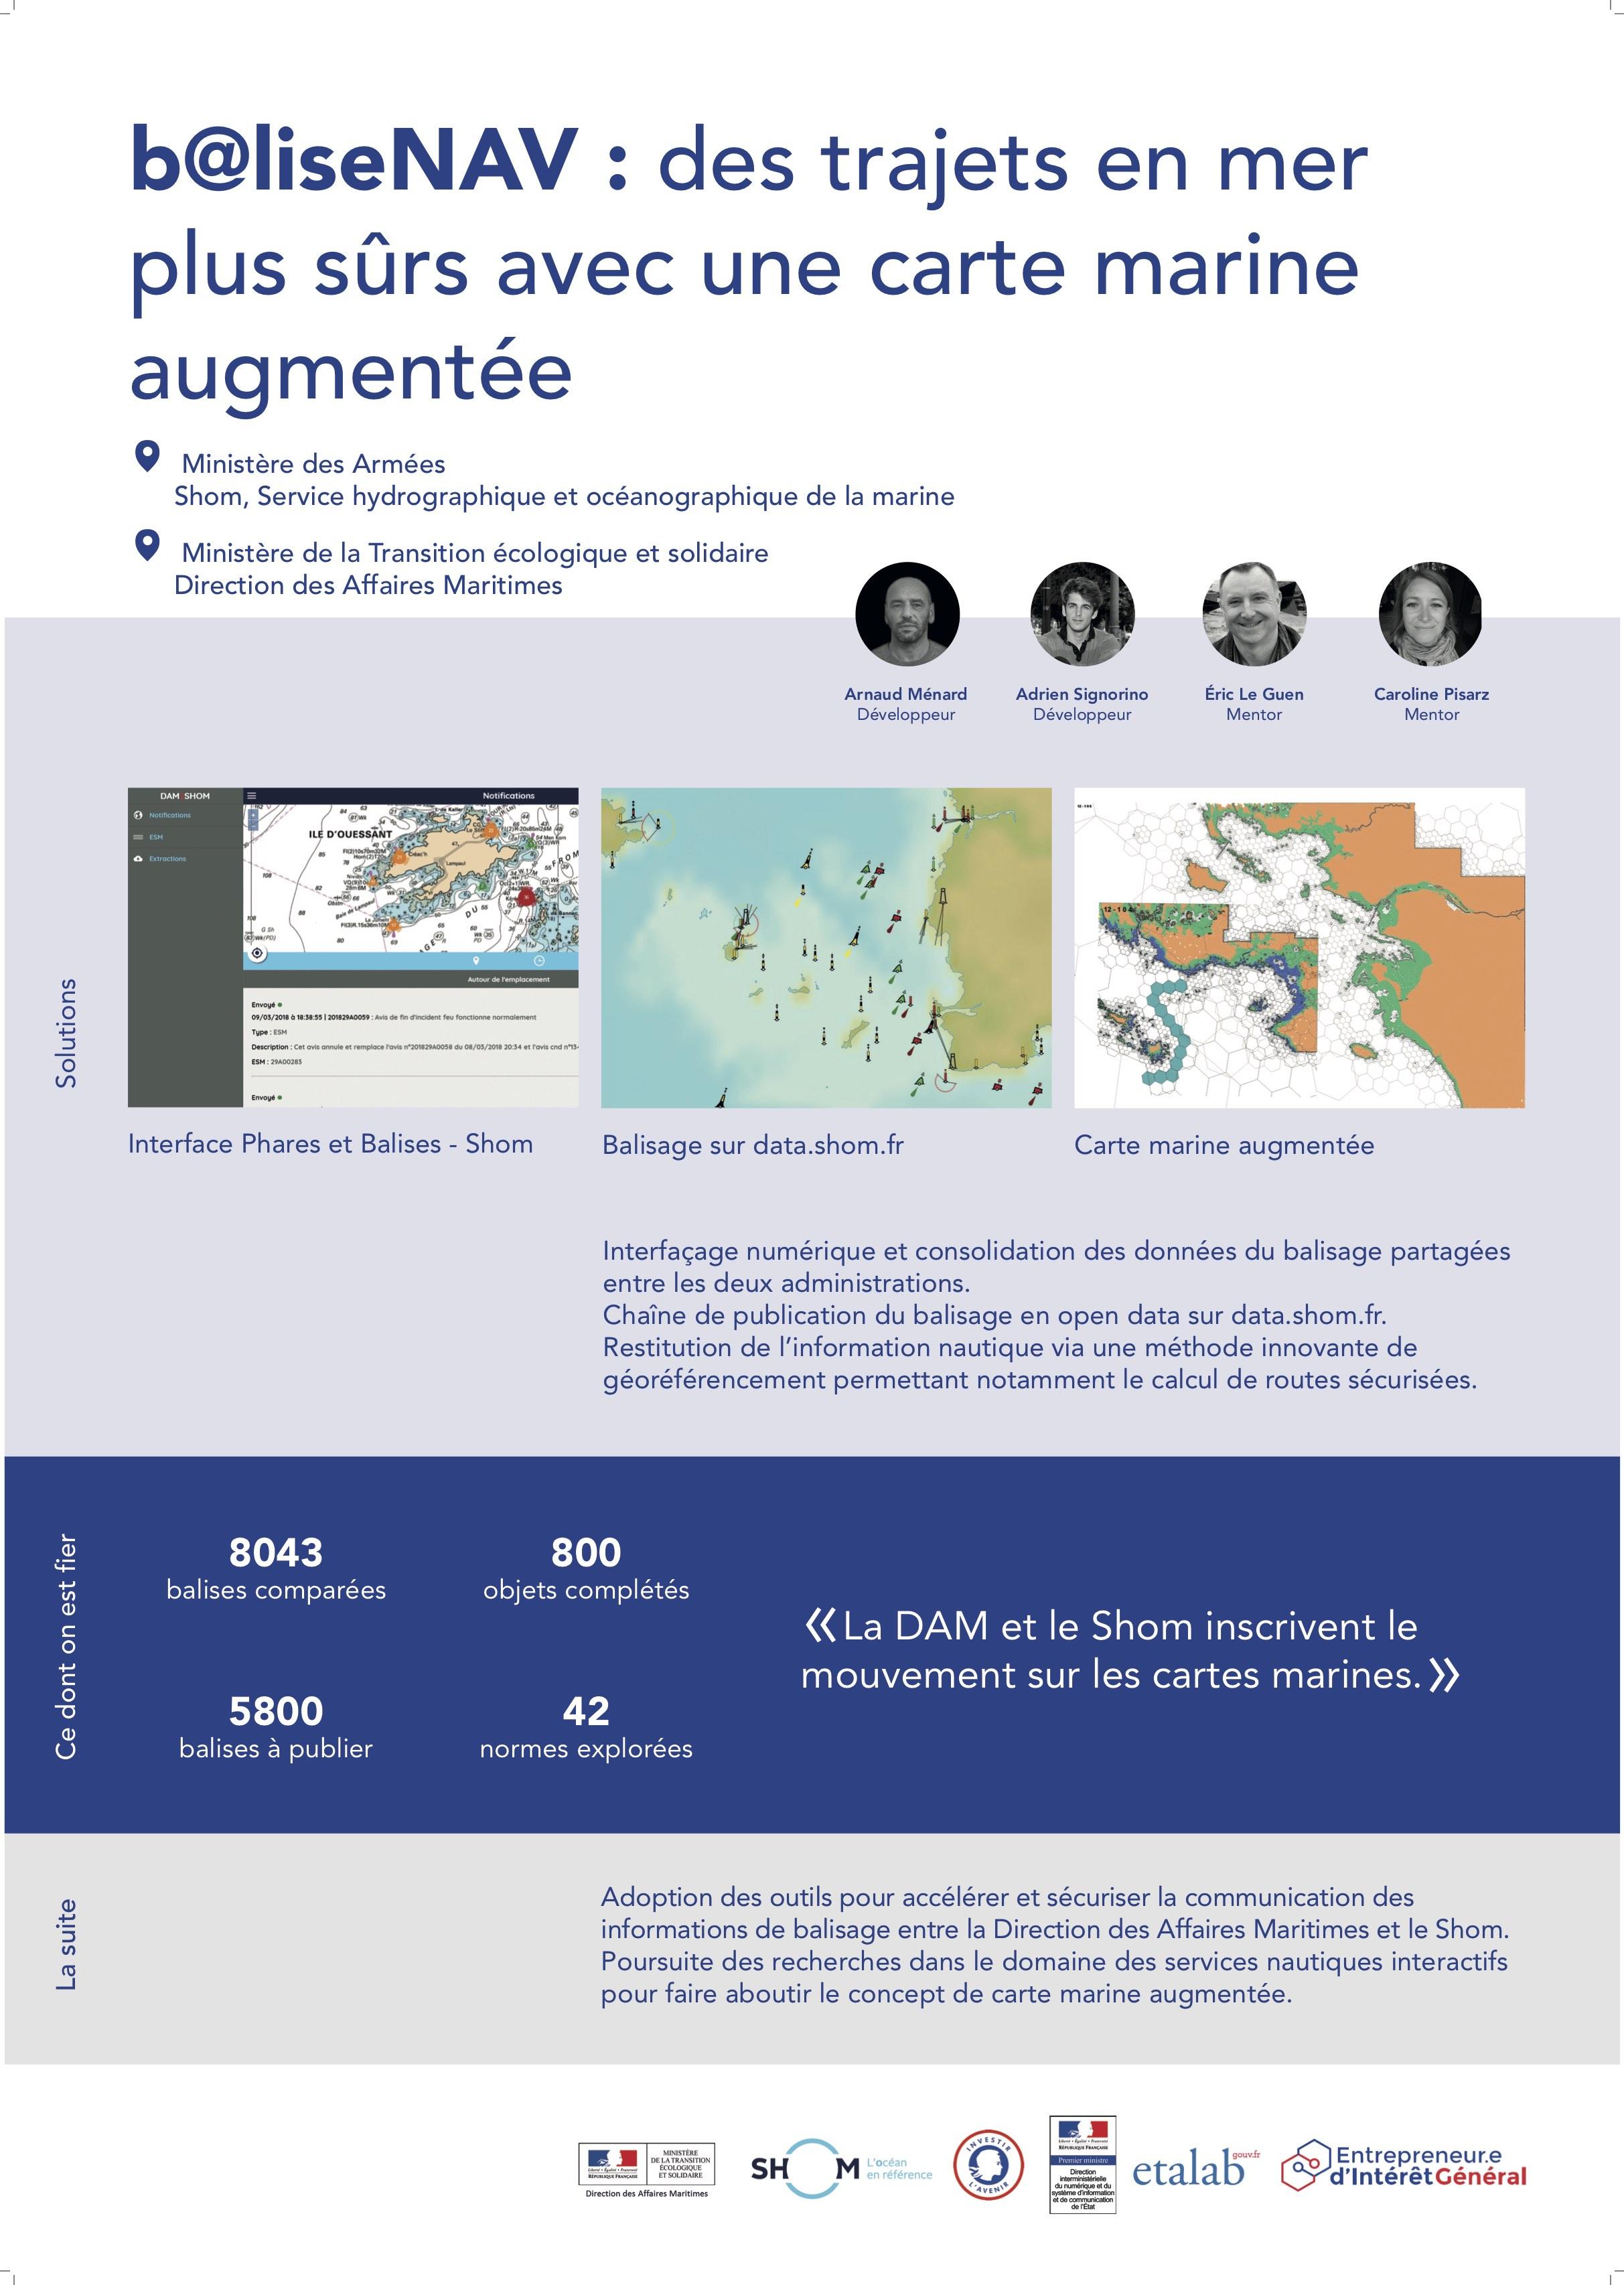 Entrepreneur d'Intérêt Général - b@liseNAV : des trajets en mer plus sûrs avec une carte marine augmentée